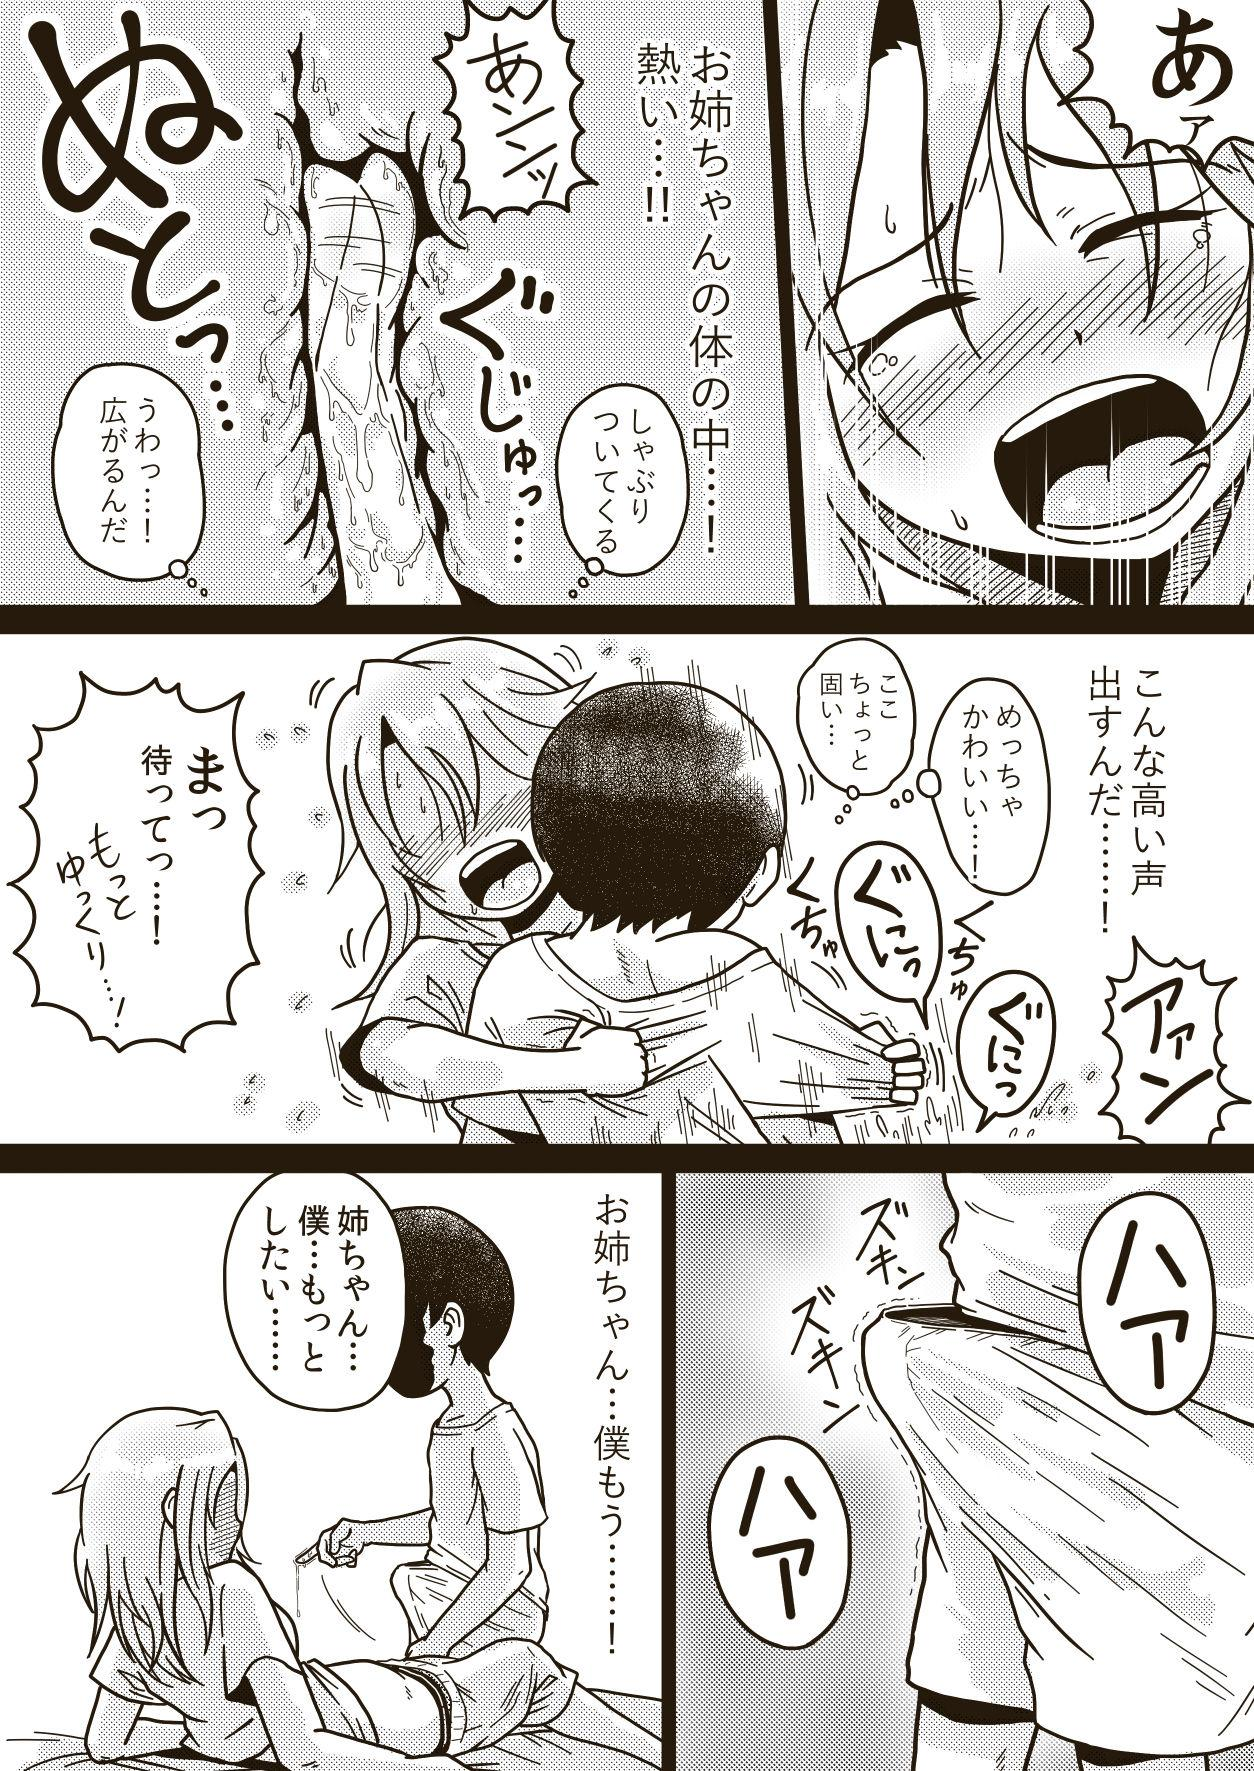 Boku no Onee-chan 12